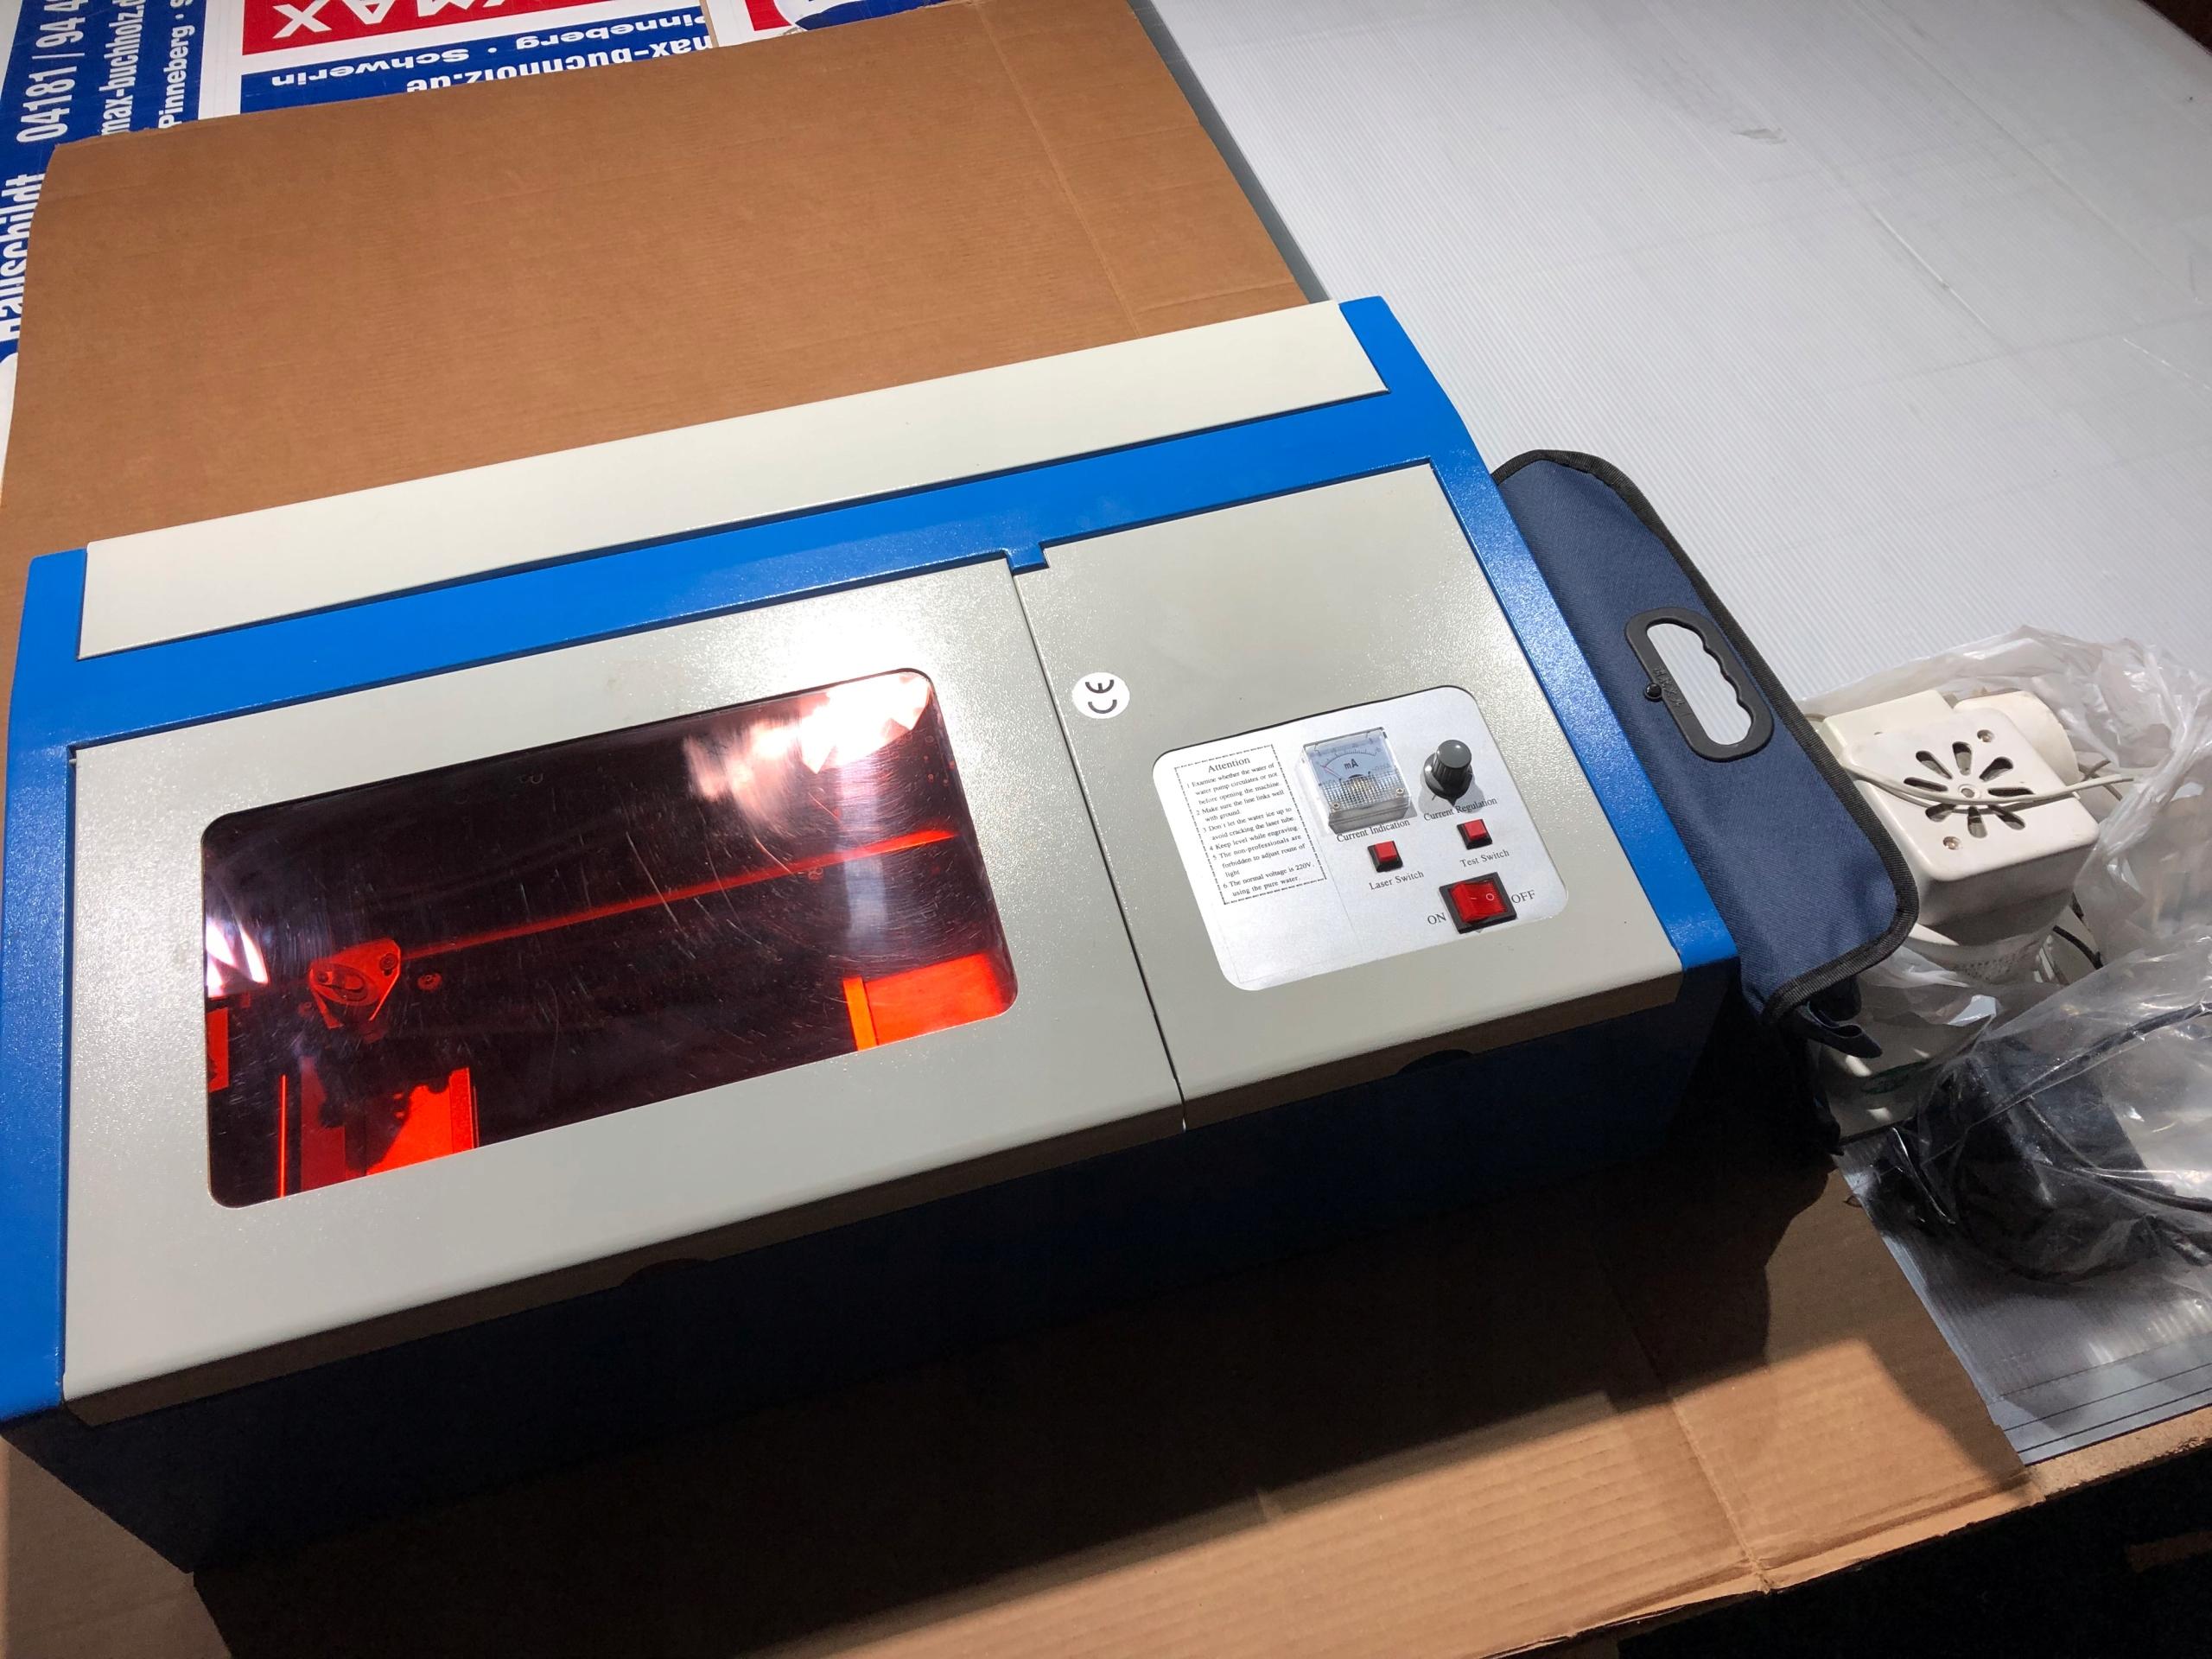 Zaawansowane laser co2 Używany w Oficjalnym Archiwum Allegro - archiwum ofert UP43